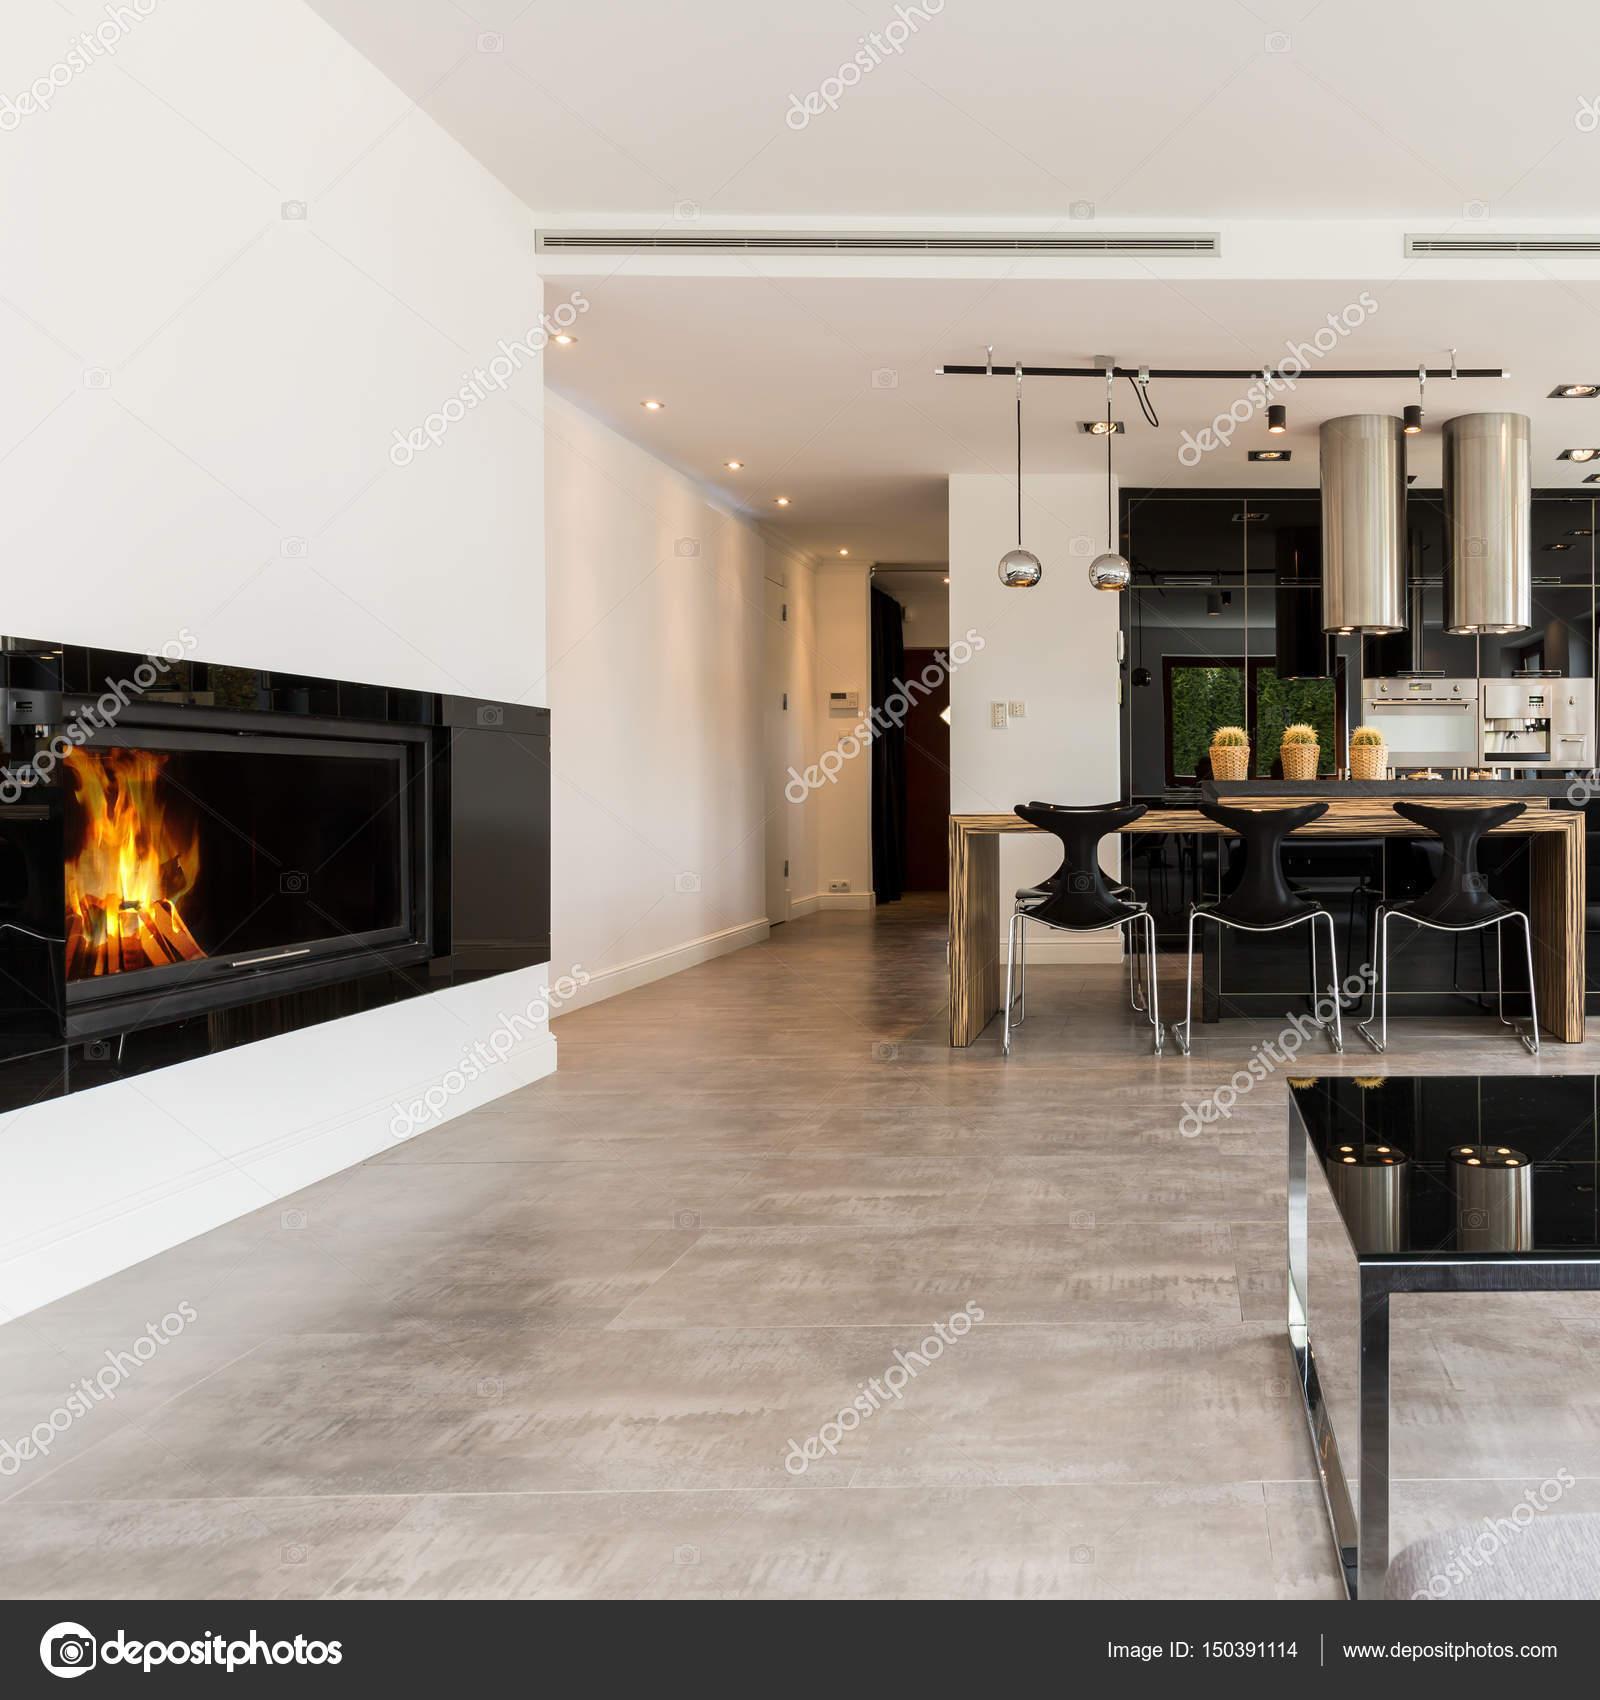 Geräumiger Innenraum mit Kamin und offener Küche — Stockfoto ...